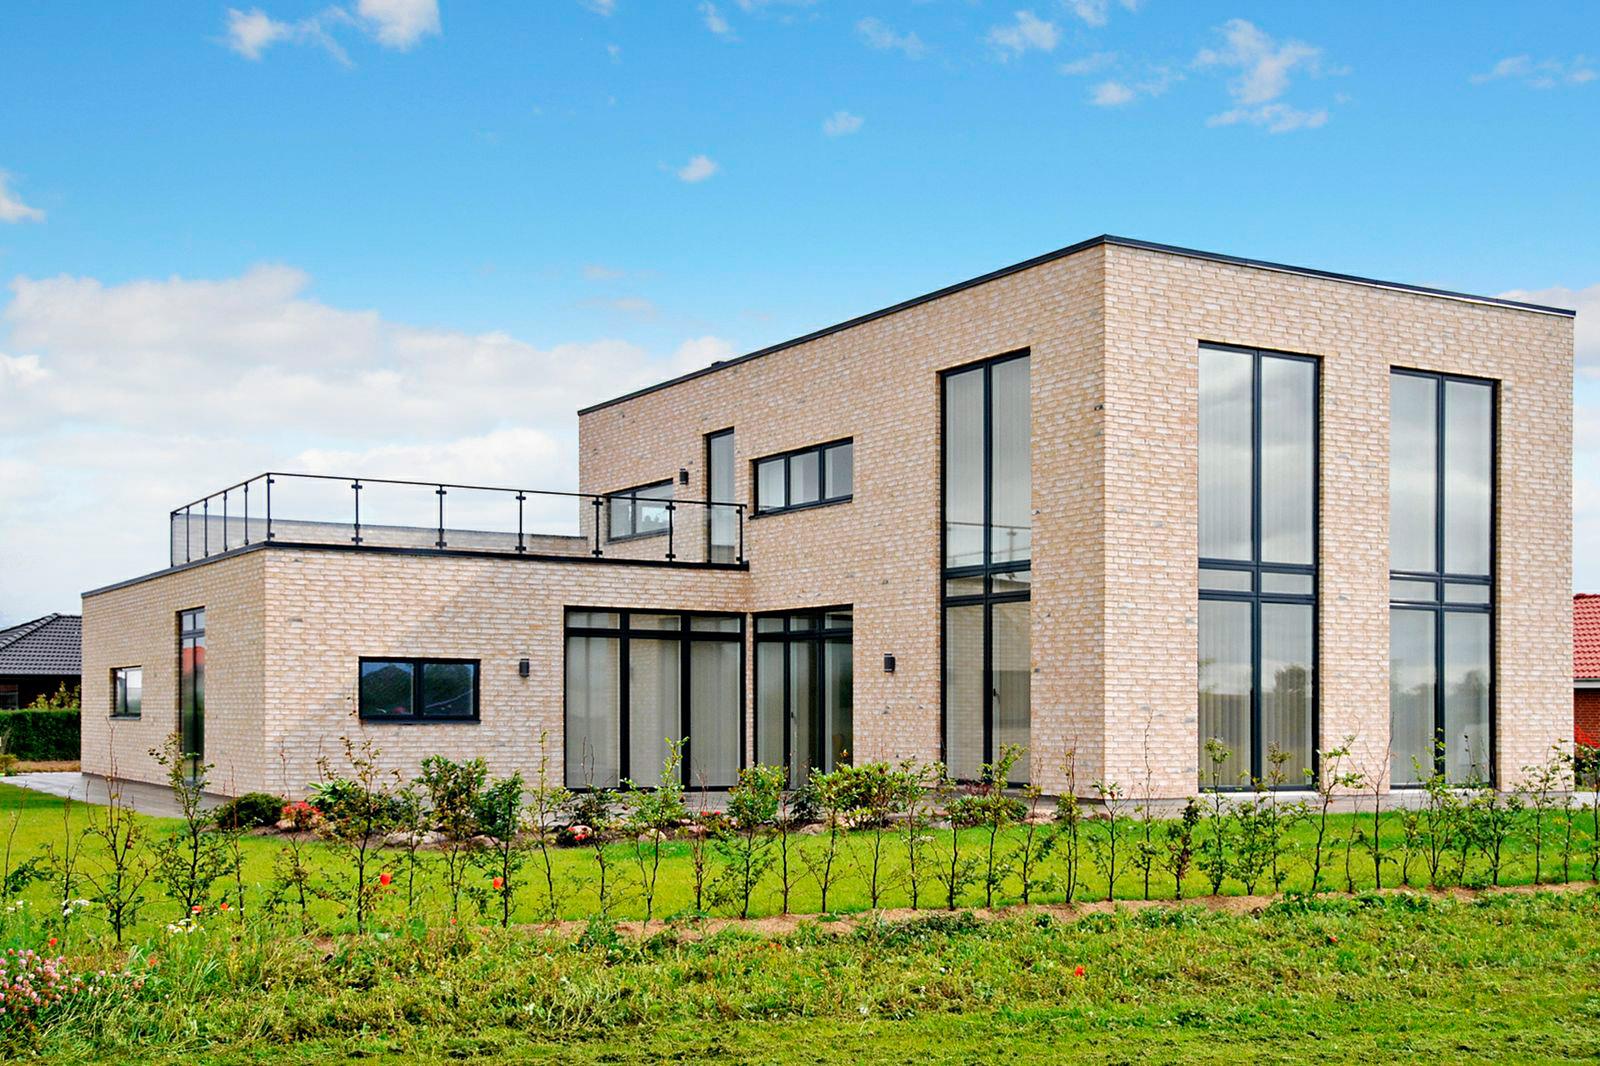 Byg nyt hus - Flotte arkitekttegnede huse og nybyggeri